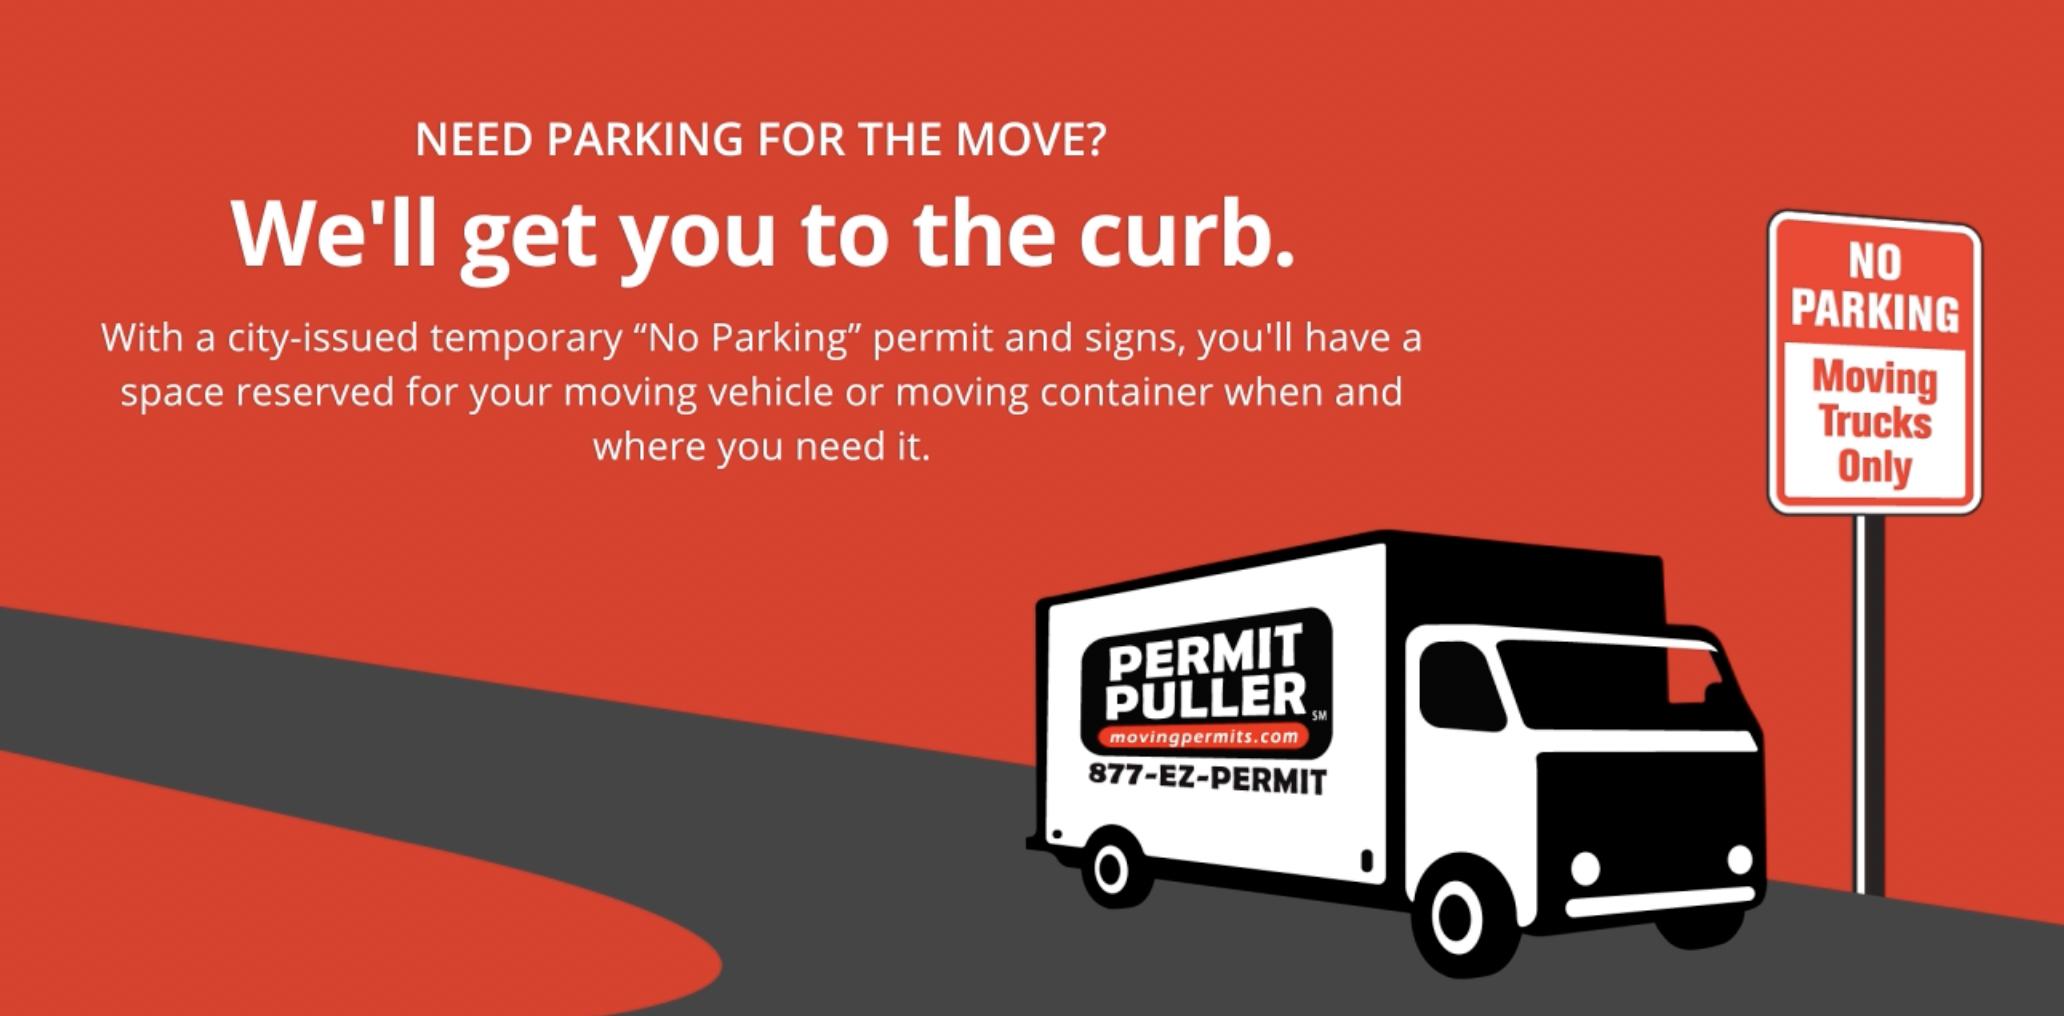 Boston parking permit